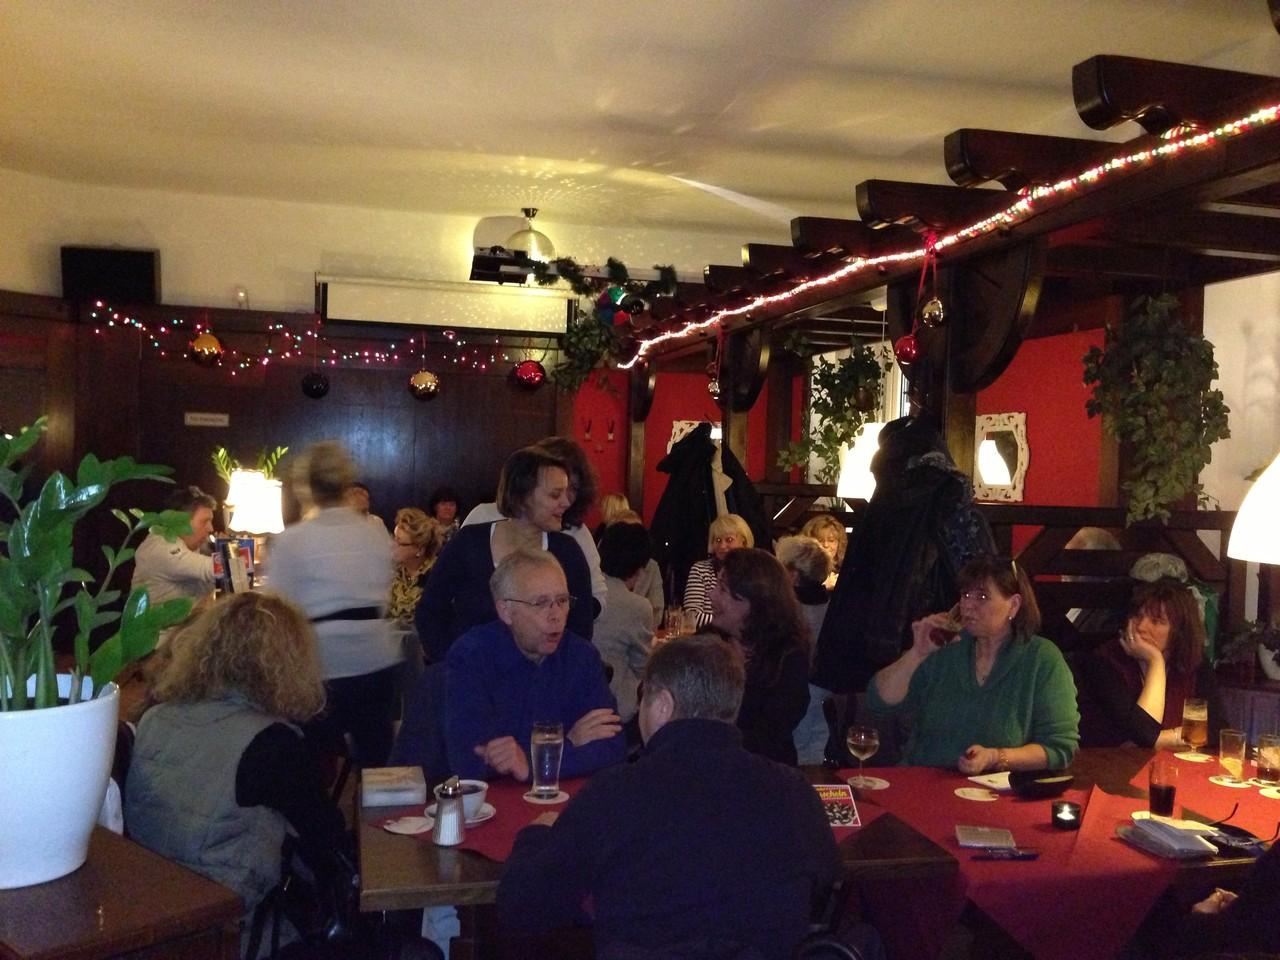 Letzter Clubabend 2012 wir wünschen allen frohe Weihnachten